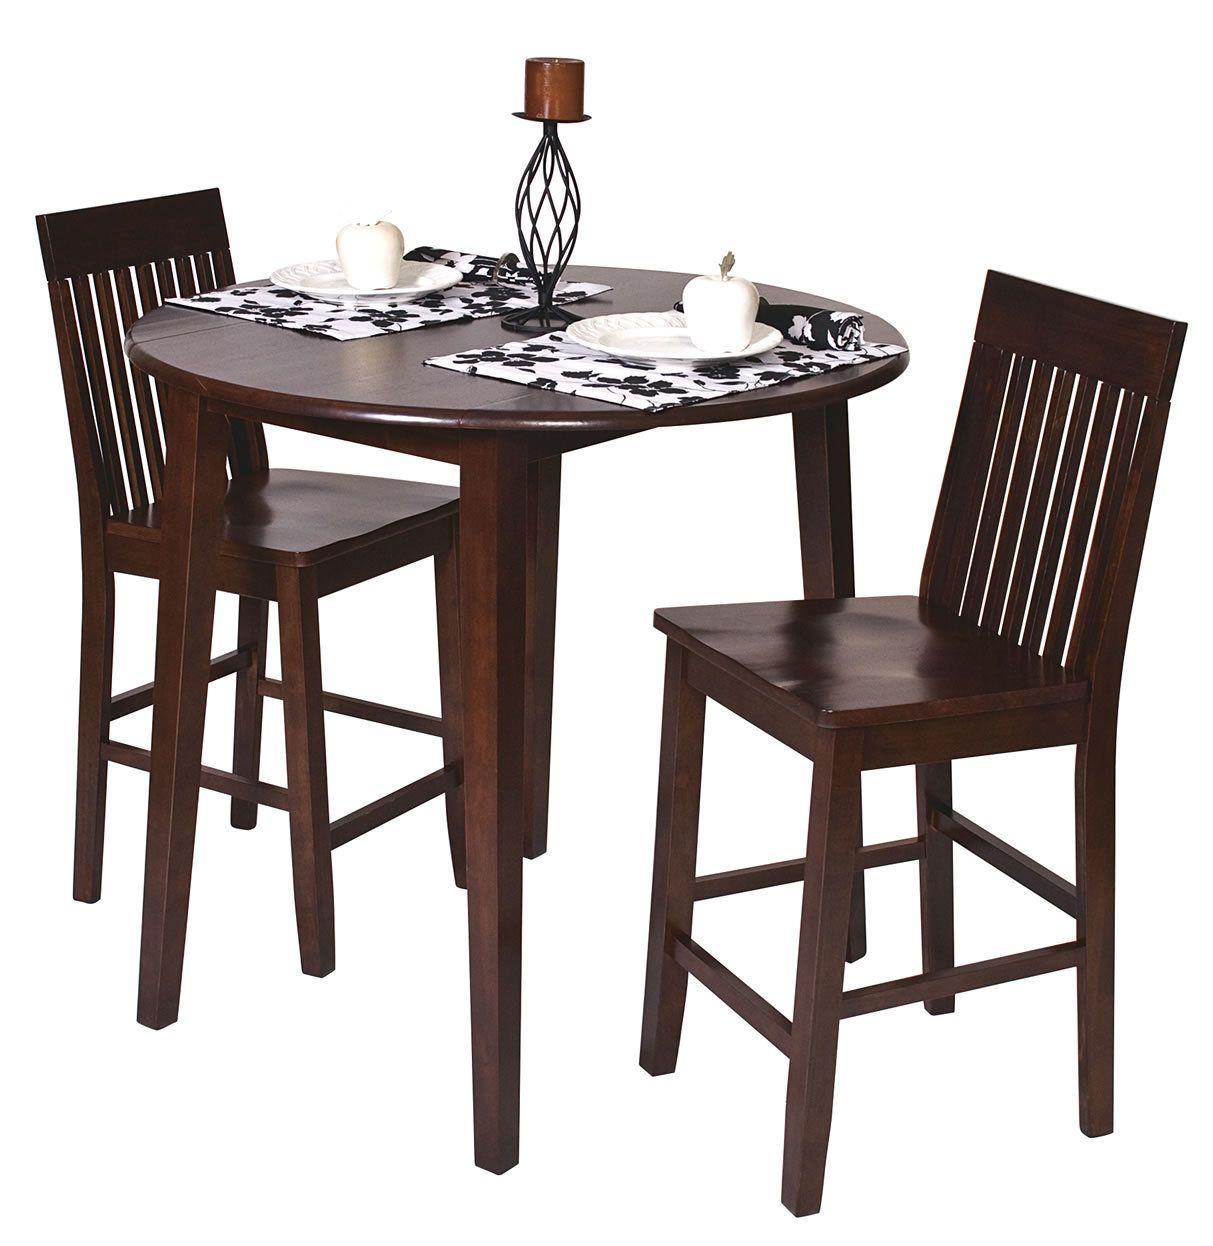 Kitchen bistro set   Pc SET Amaretto Finish Wood H Round Dining Bistro Table u  Pub